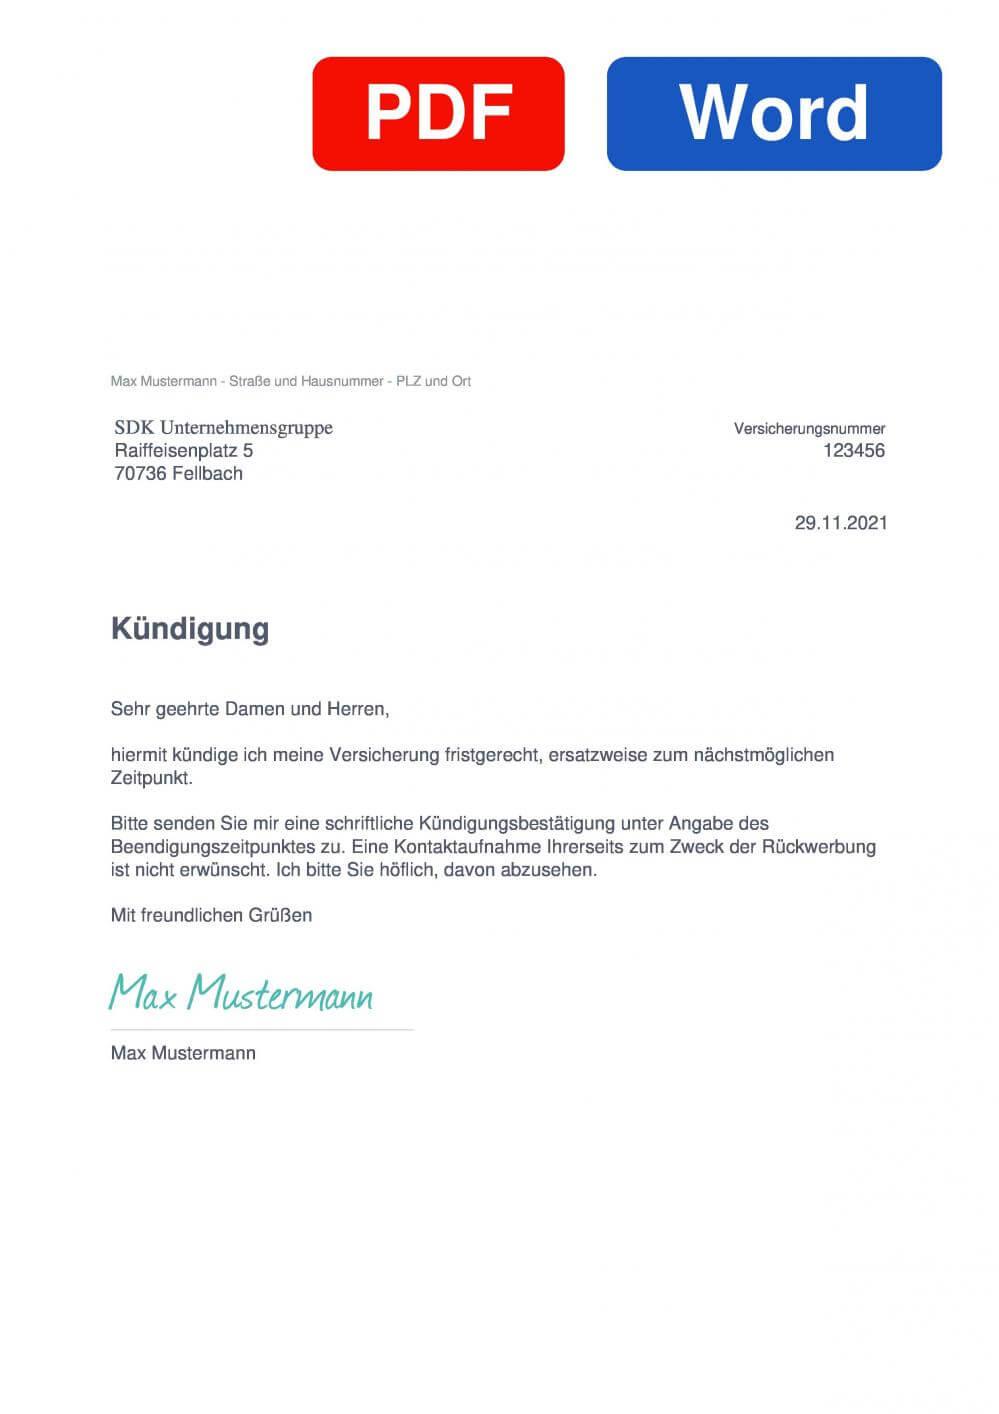 SDK Muster Vorlage für Kündigungsschreiben